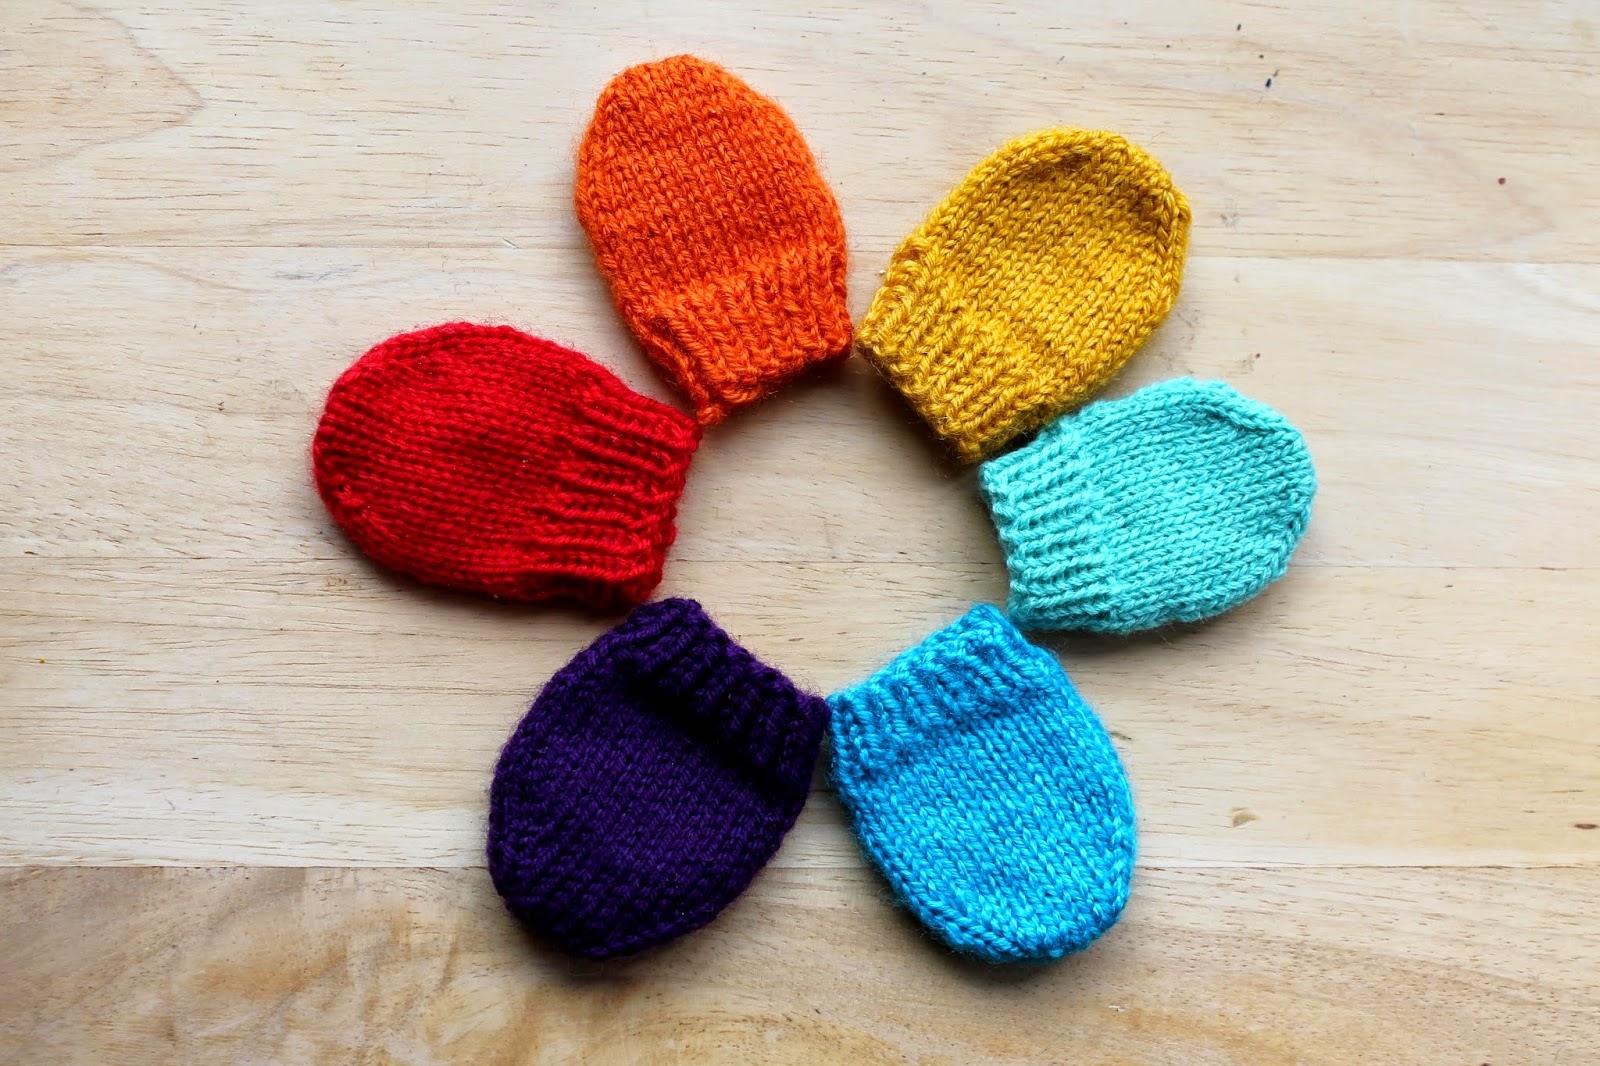 Retourner le tricot pour disposer l endroit contre l endroit, et rabattre  les mailles avec 3 aiguilles. Rentrer les fils. 5b6fc26497c